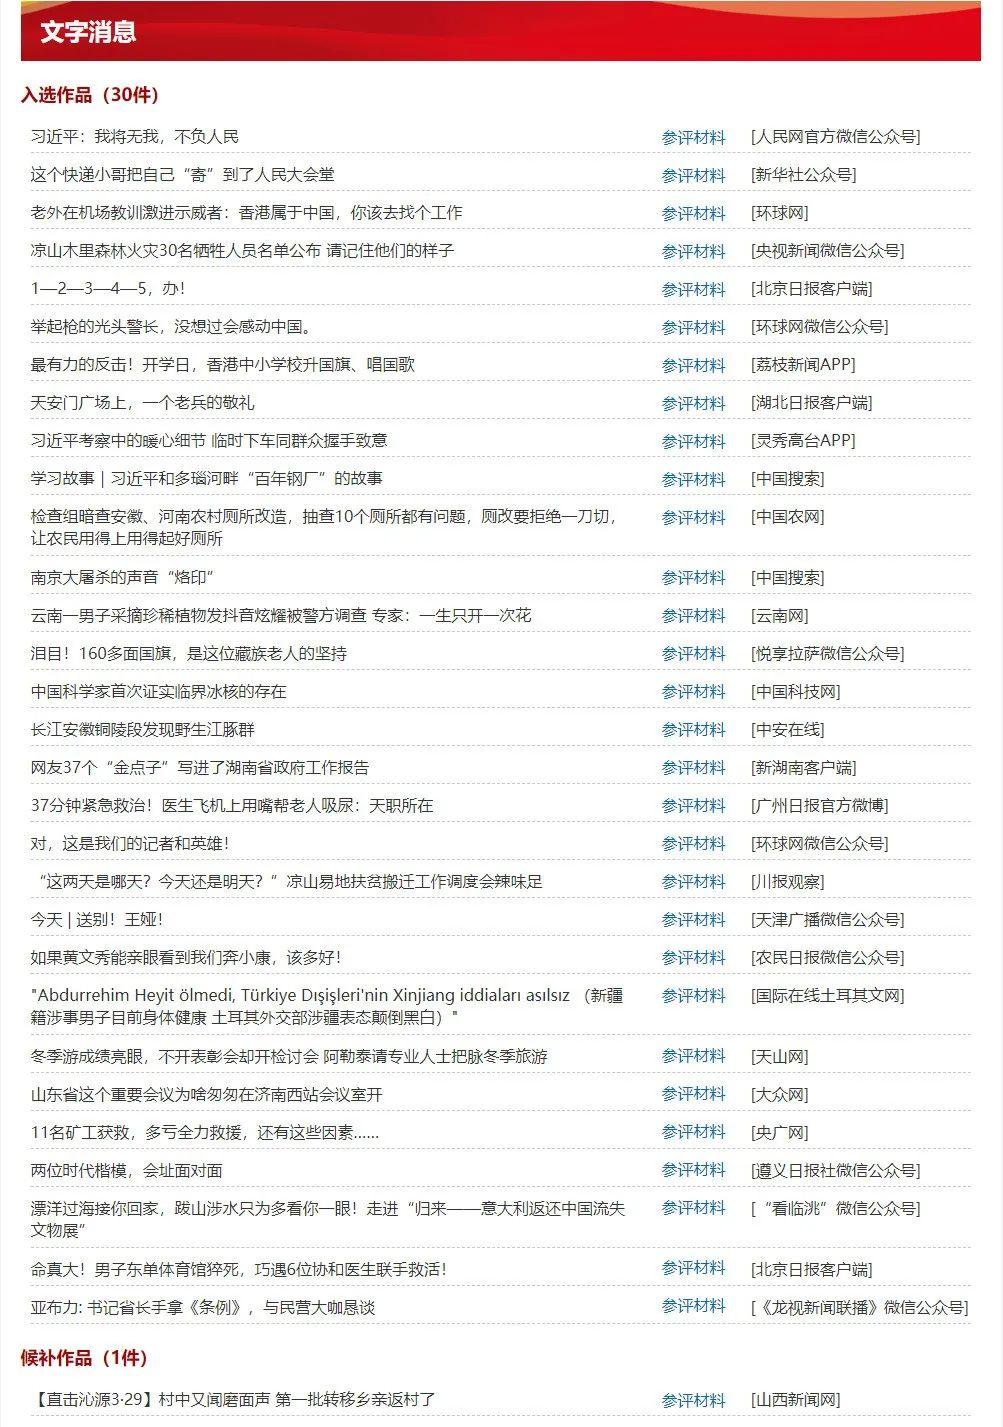 第三十届中国新闻奖网络新闻作品初评结果公示,共118件